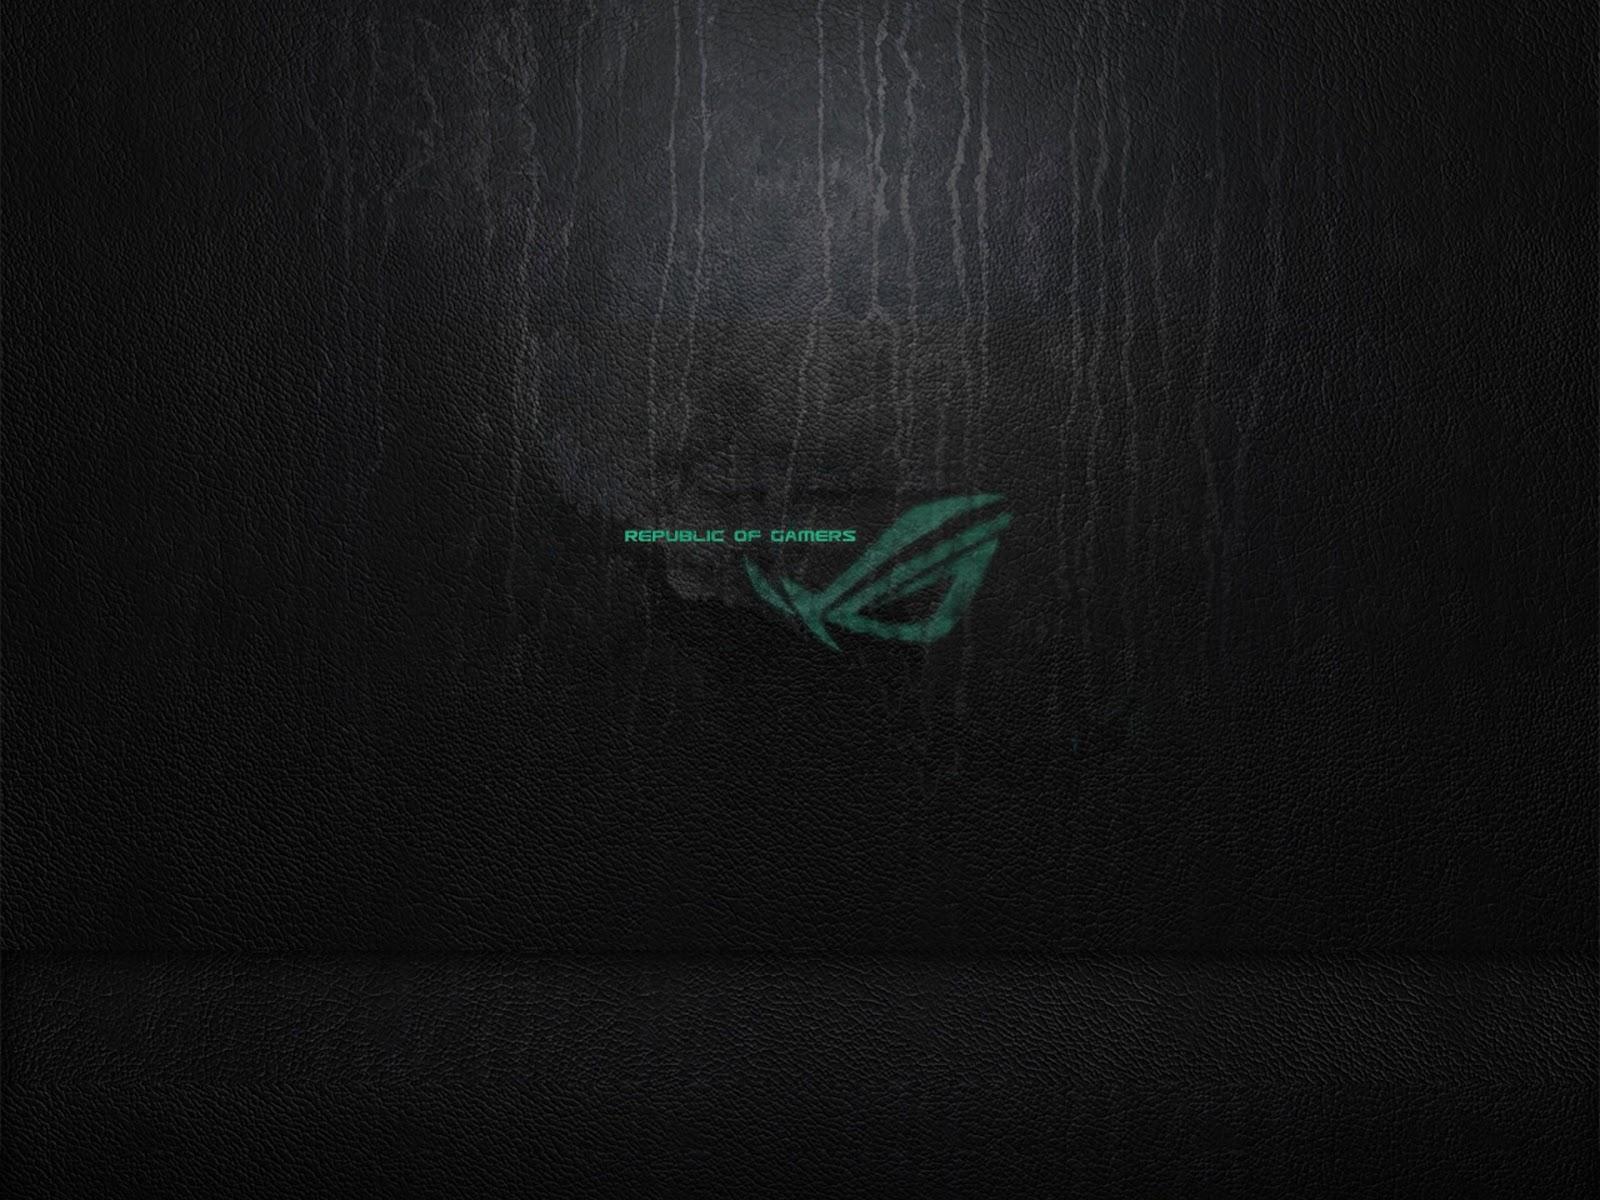 Asus Black Wallpaper: ASUS Gaming Wallpaper HD